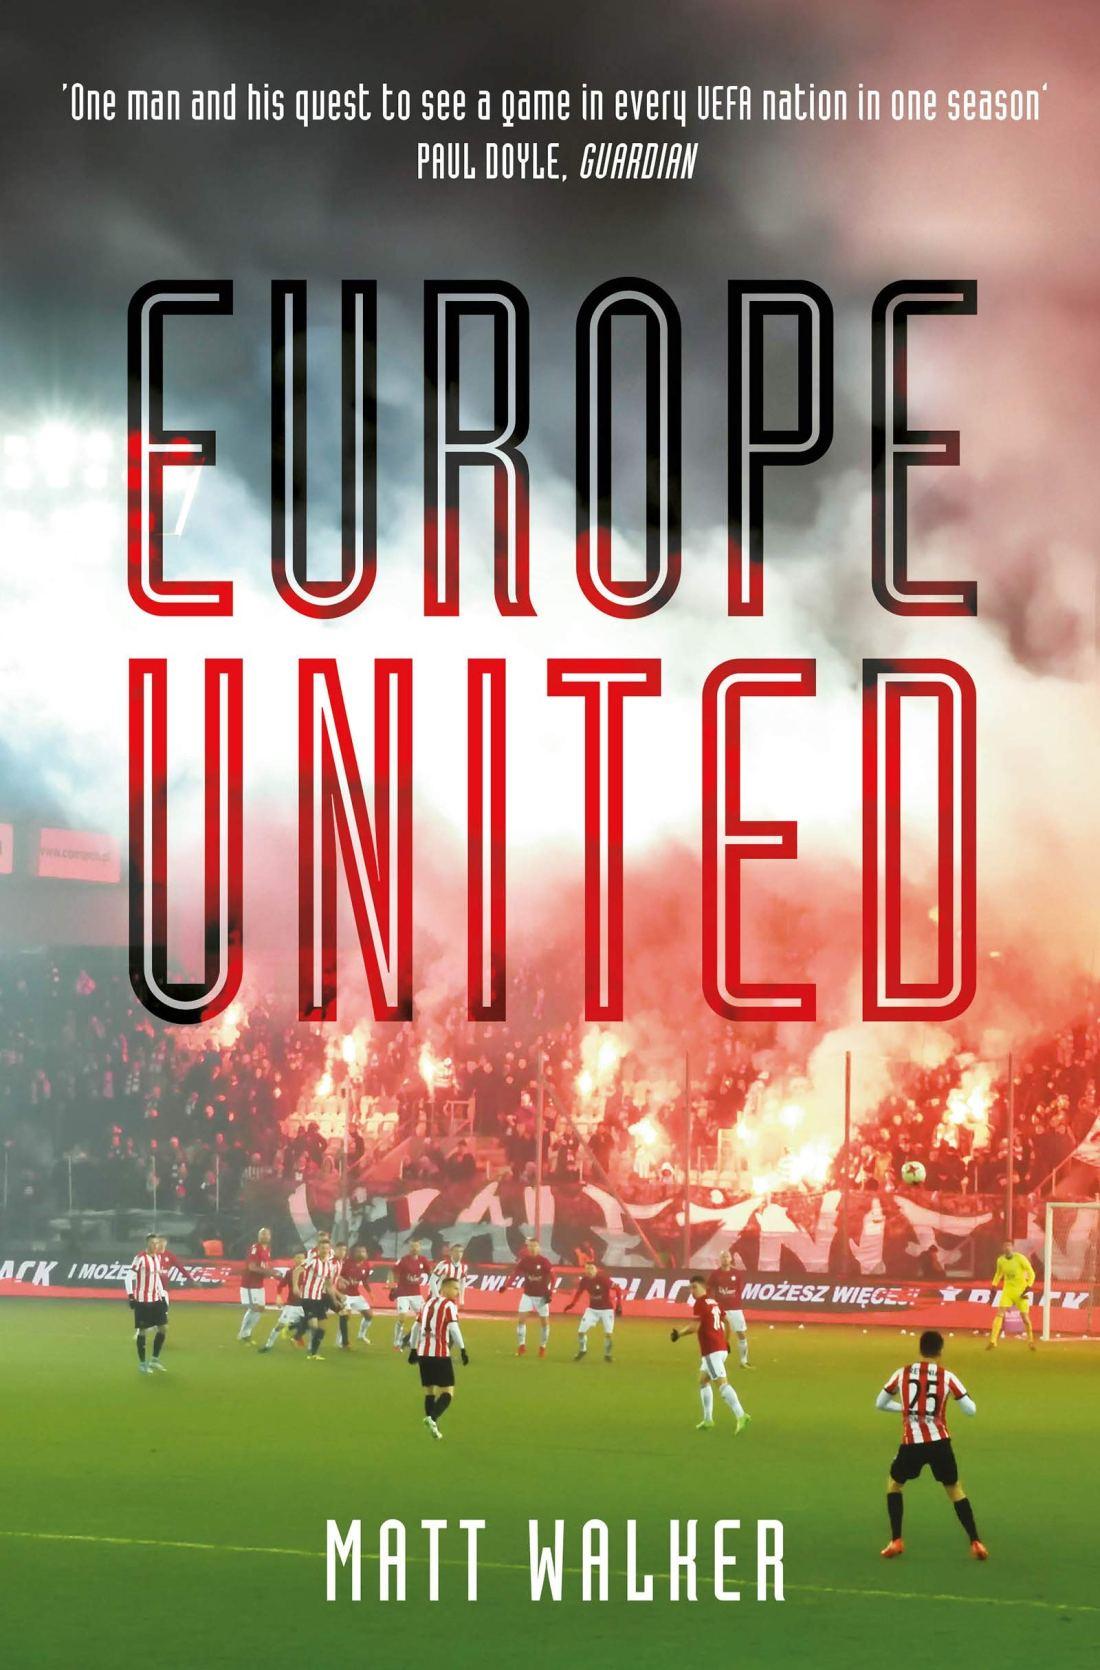 Europe United